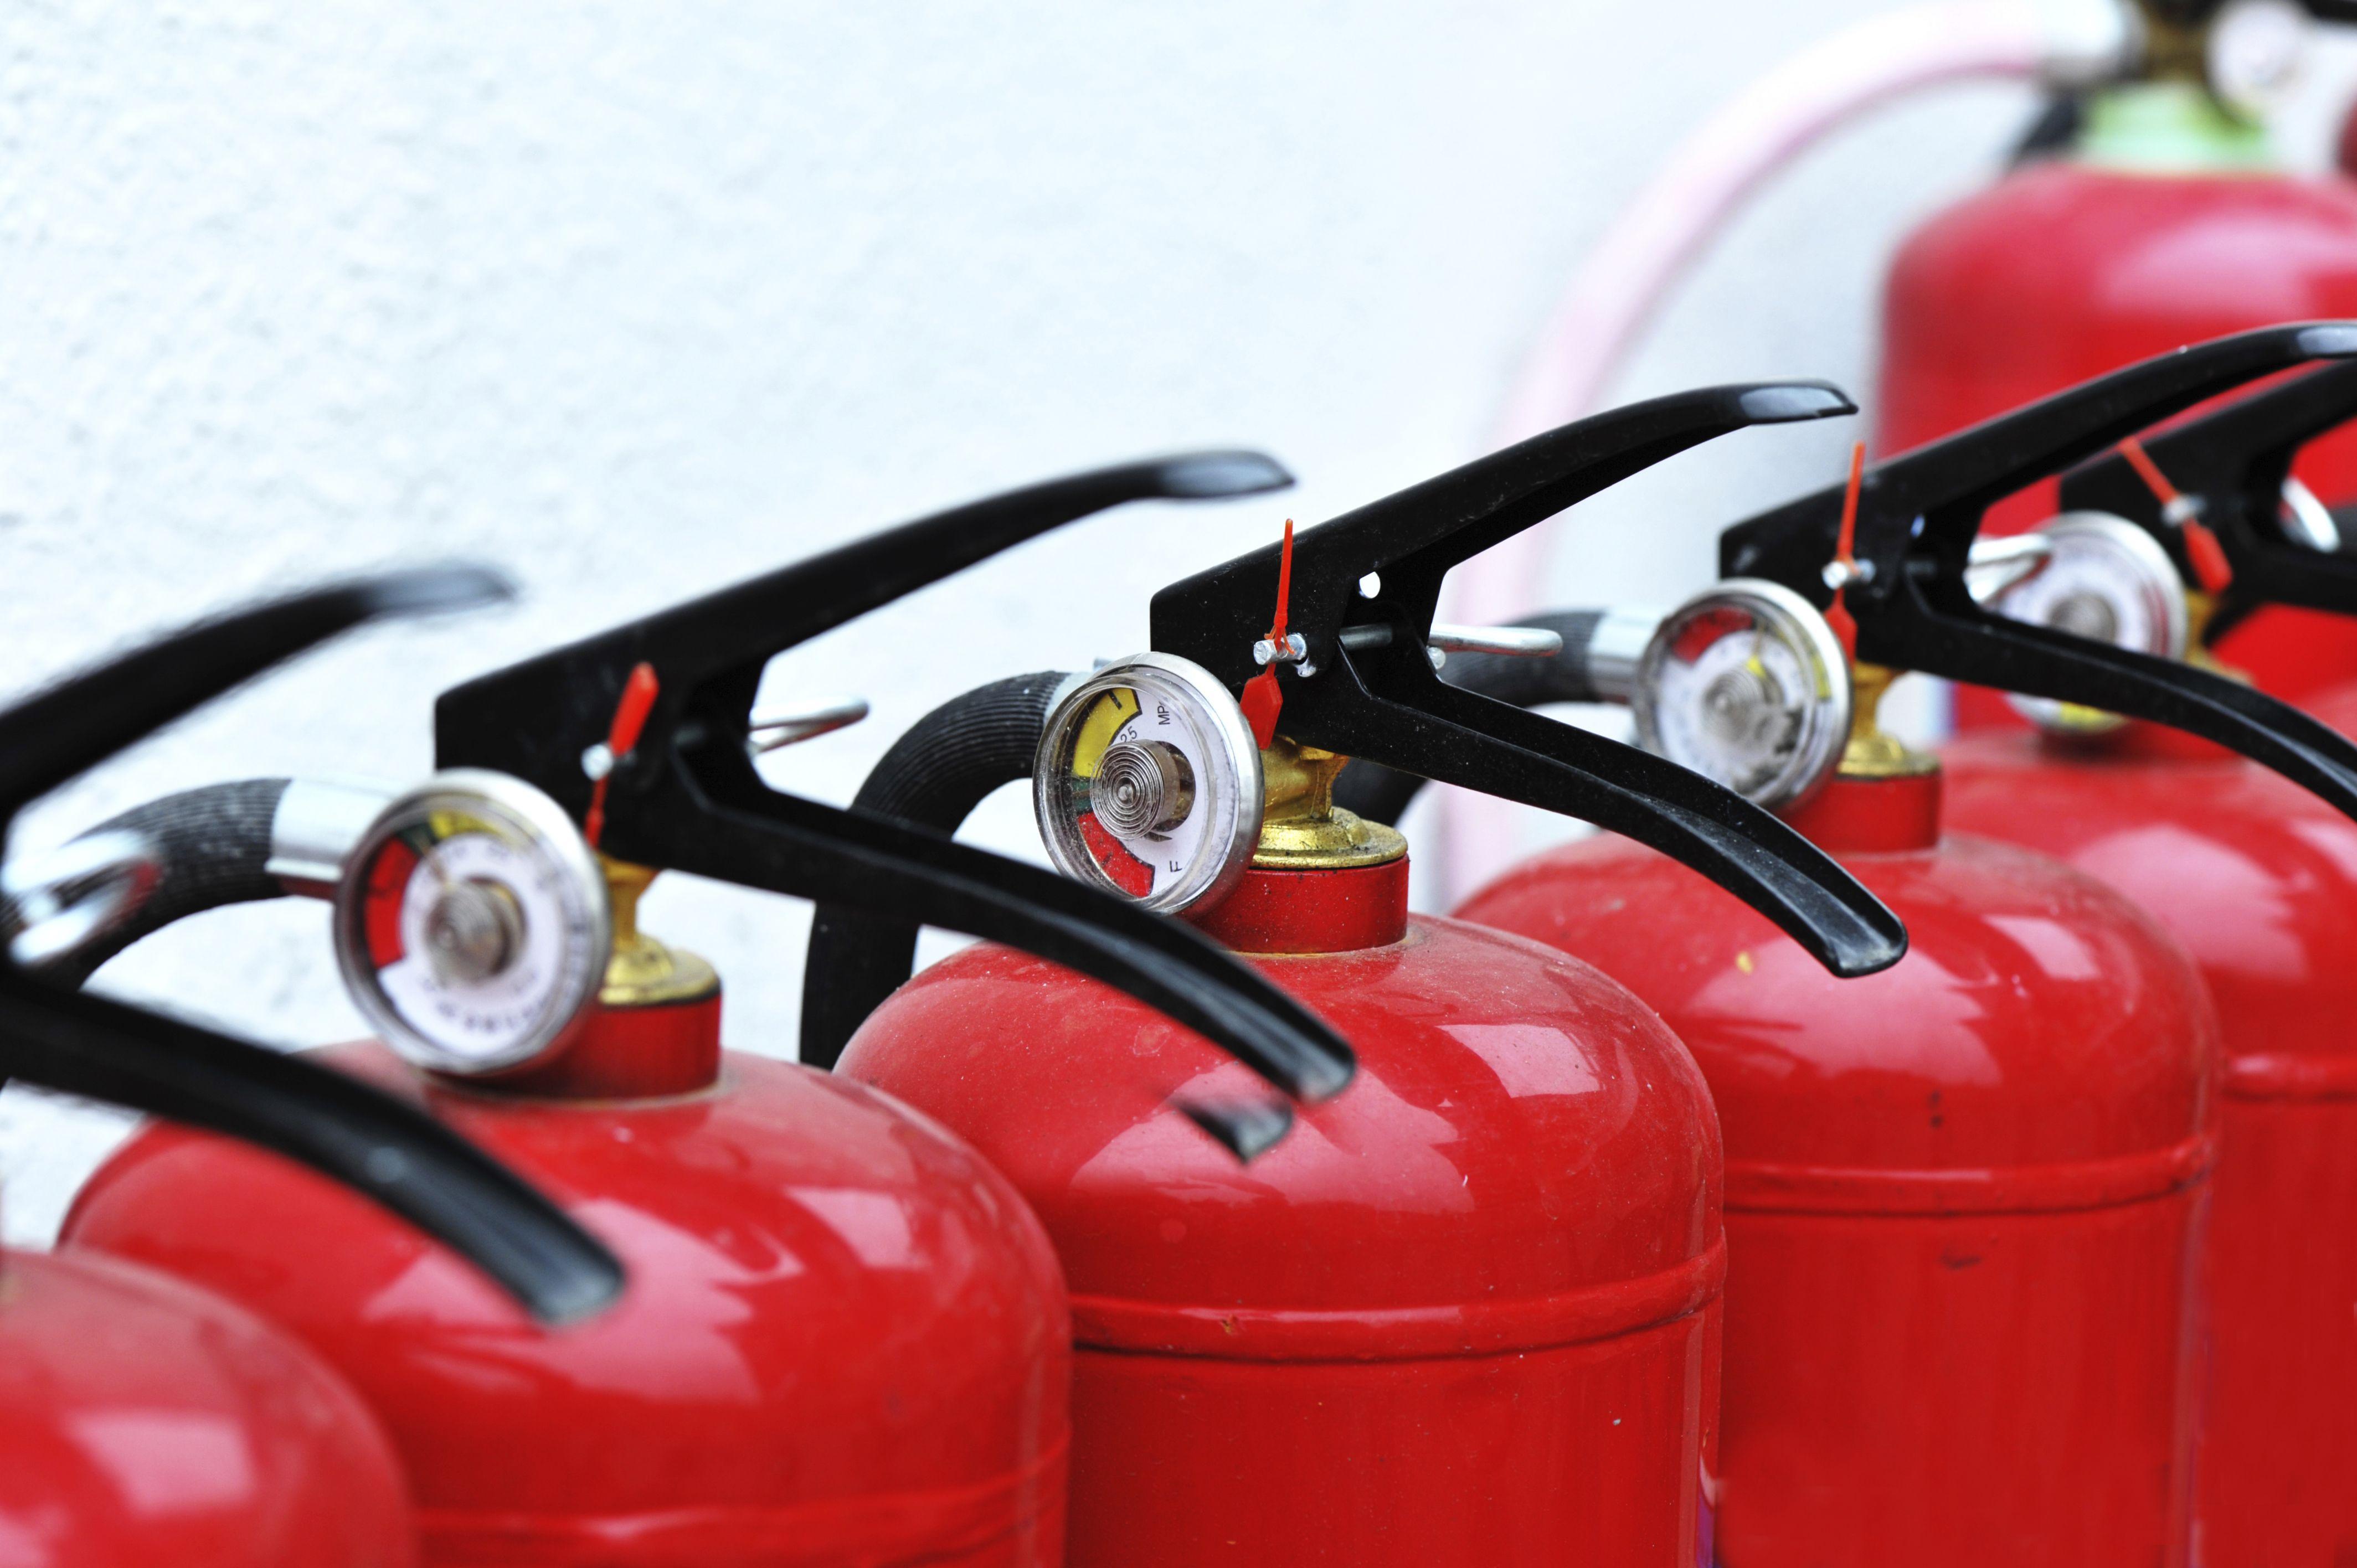 Sistemas de protección contra incendios: Productos y Servicios de S.I.M.I. Seguridad